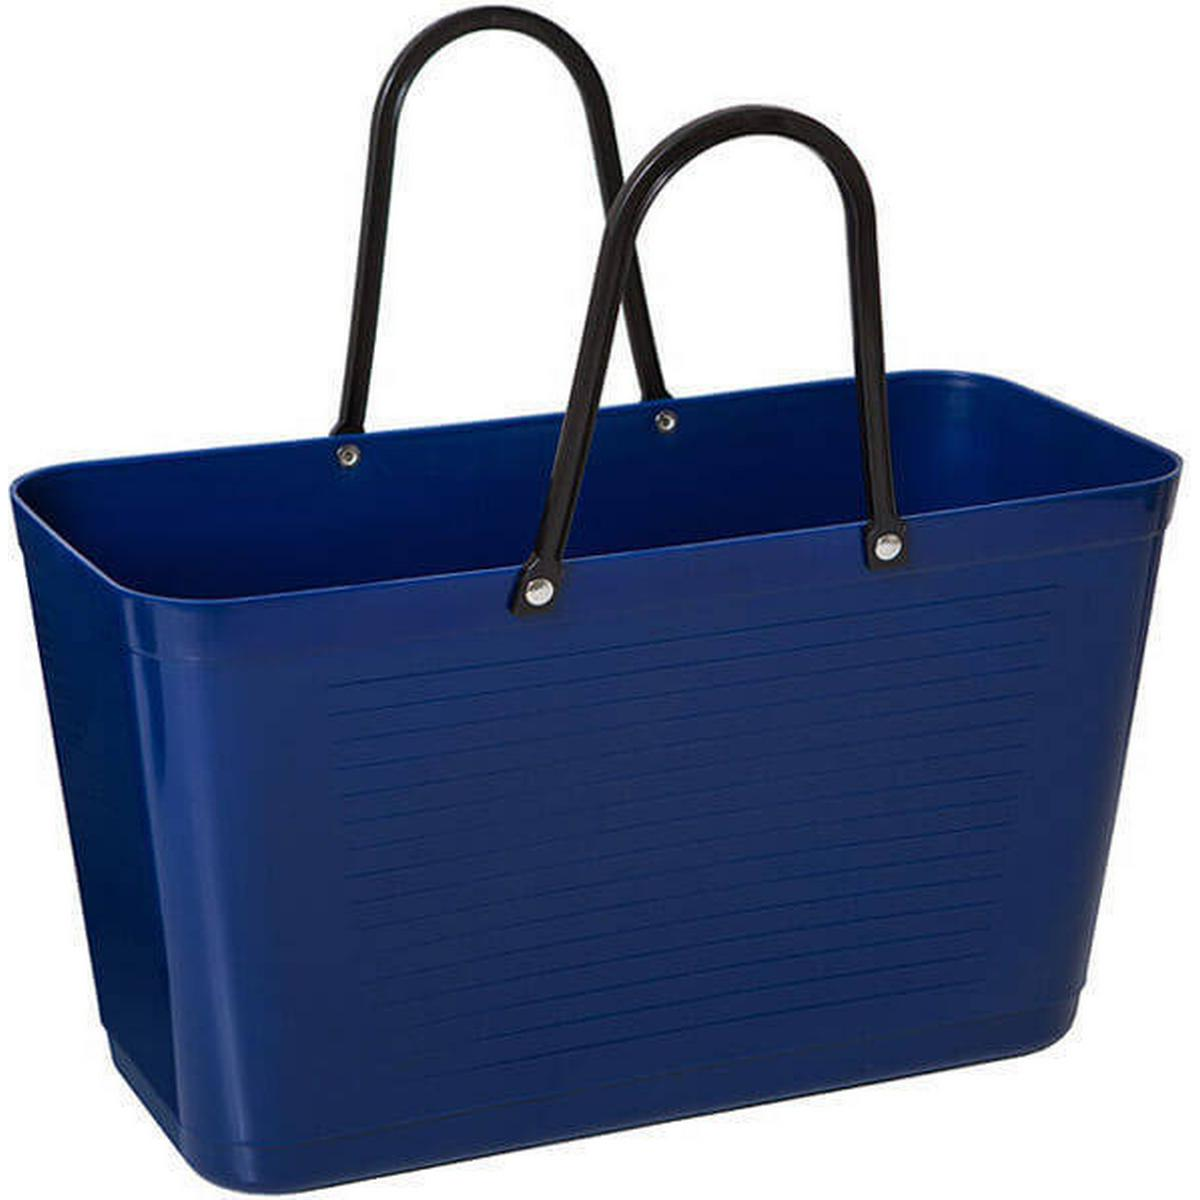 Stor blå väska Jämför priser på PriceRunner